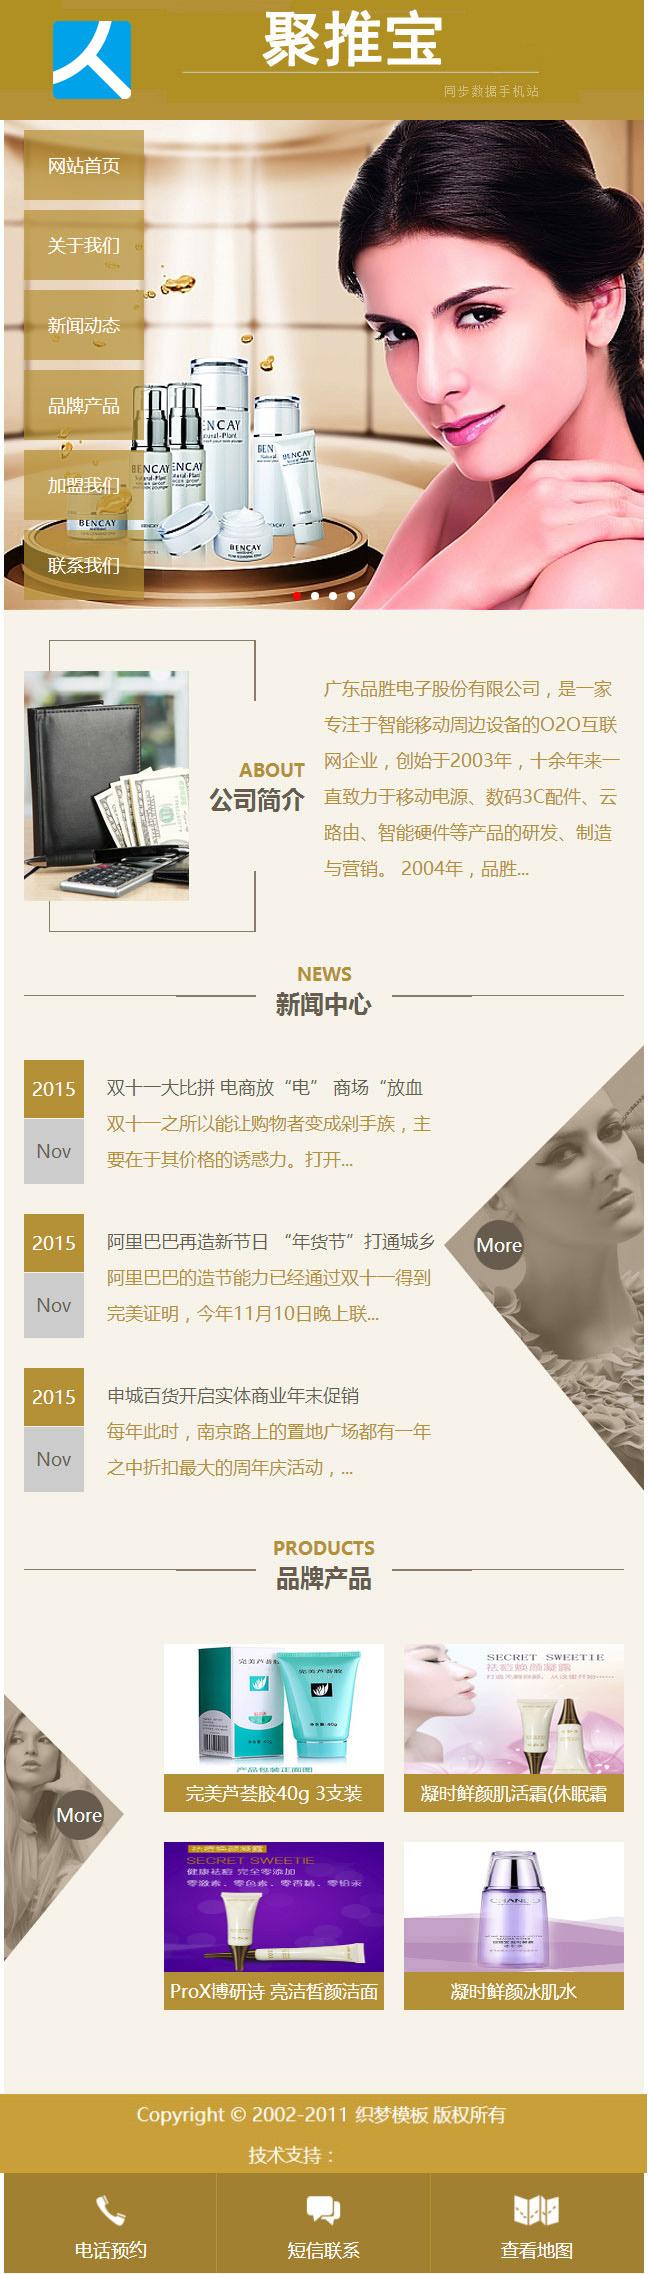 织梦dedecms化妆品公司手机站模板1